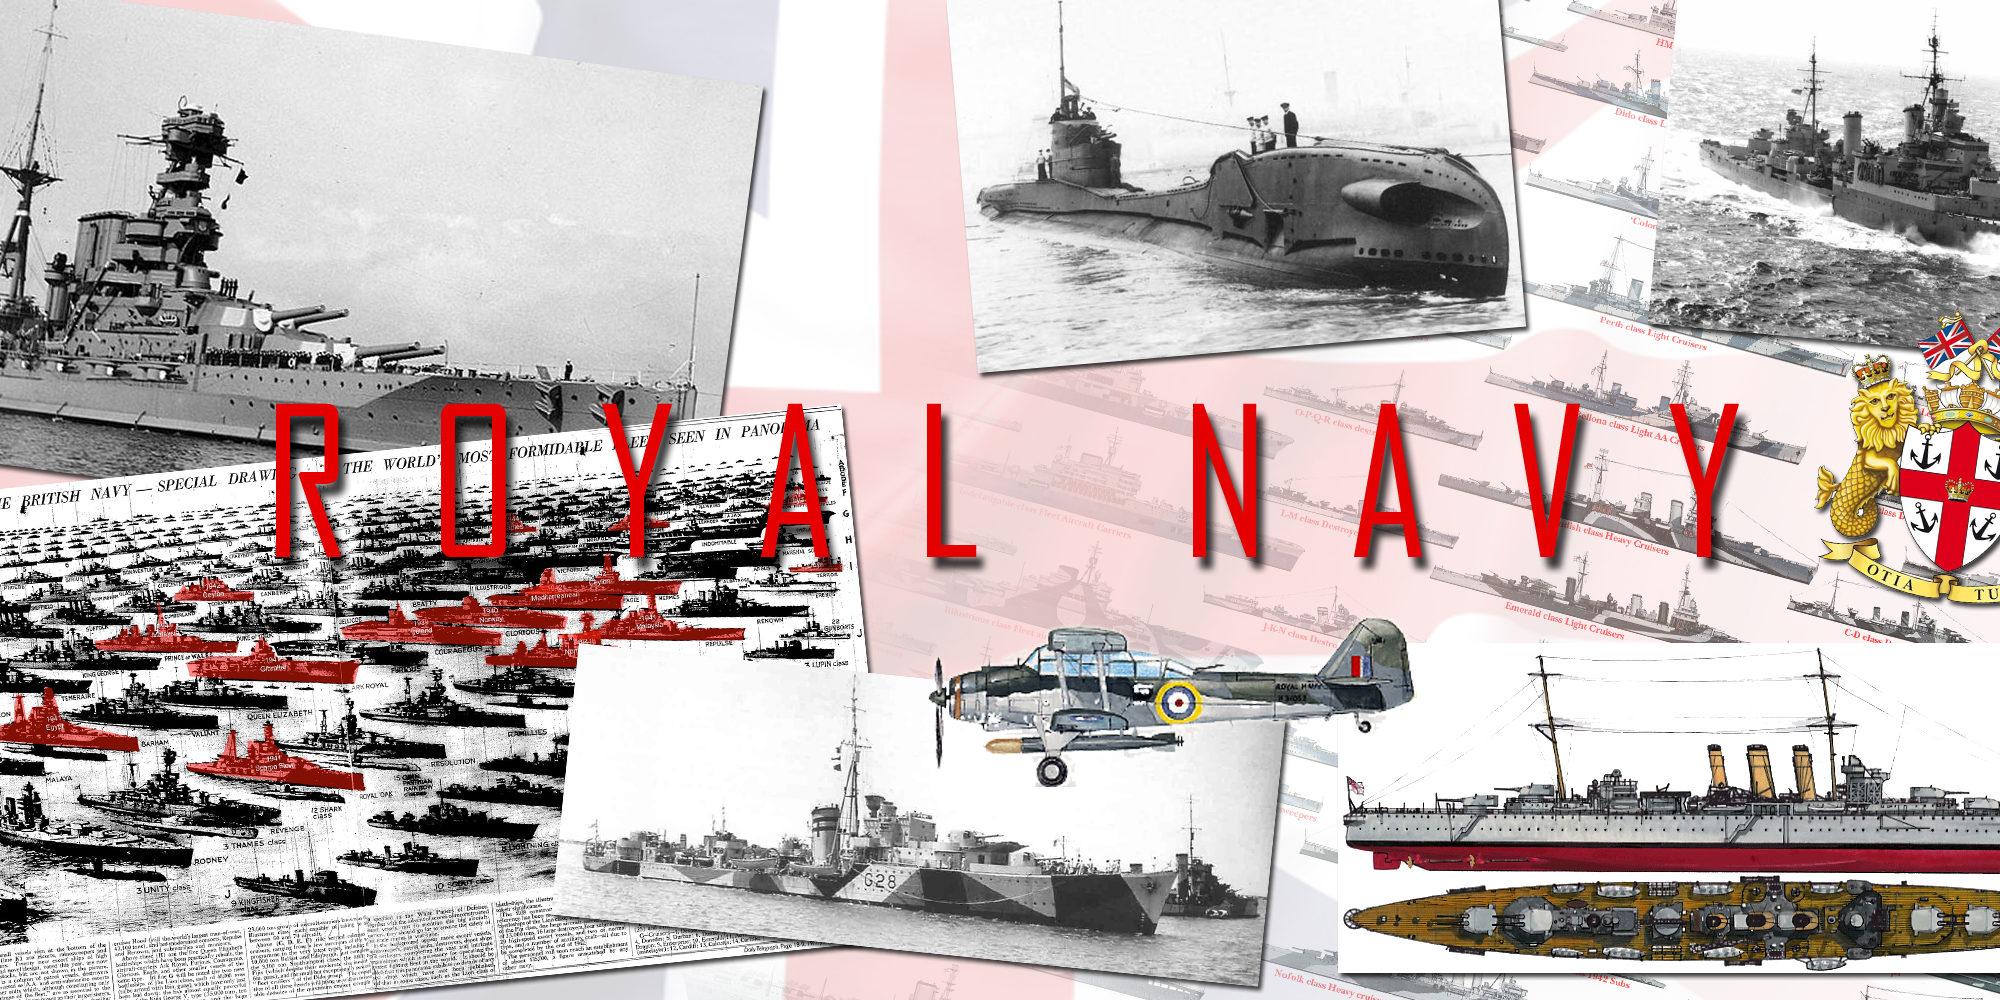 Royal Navy ww2